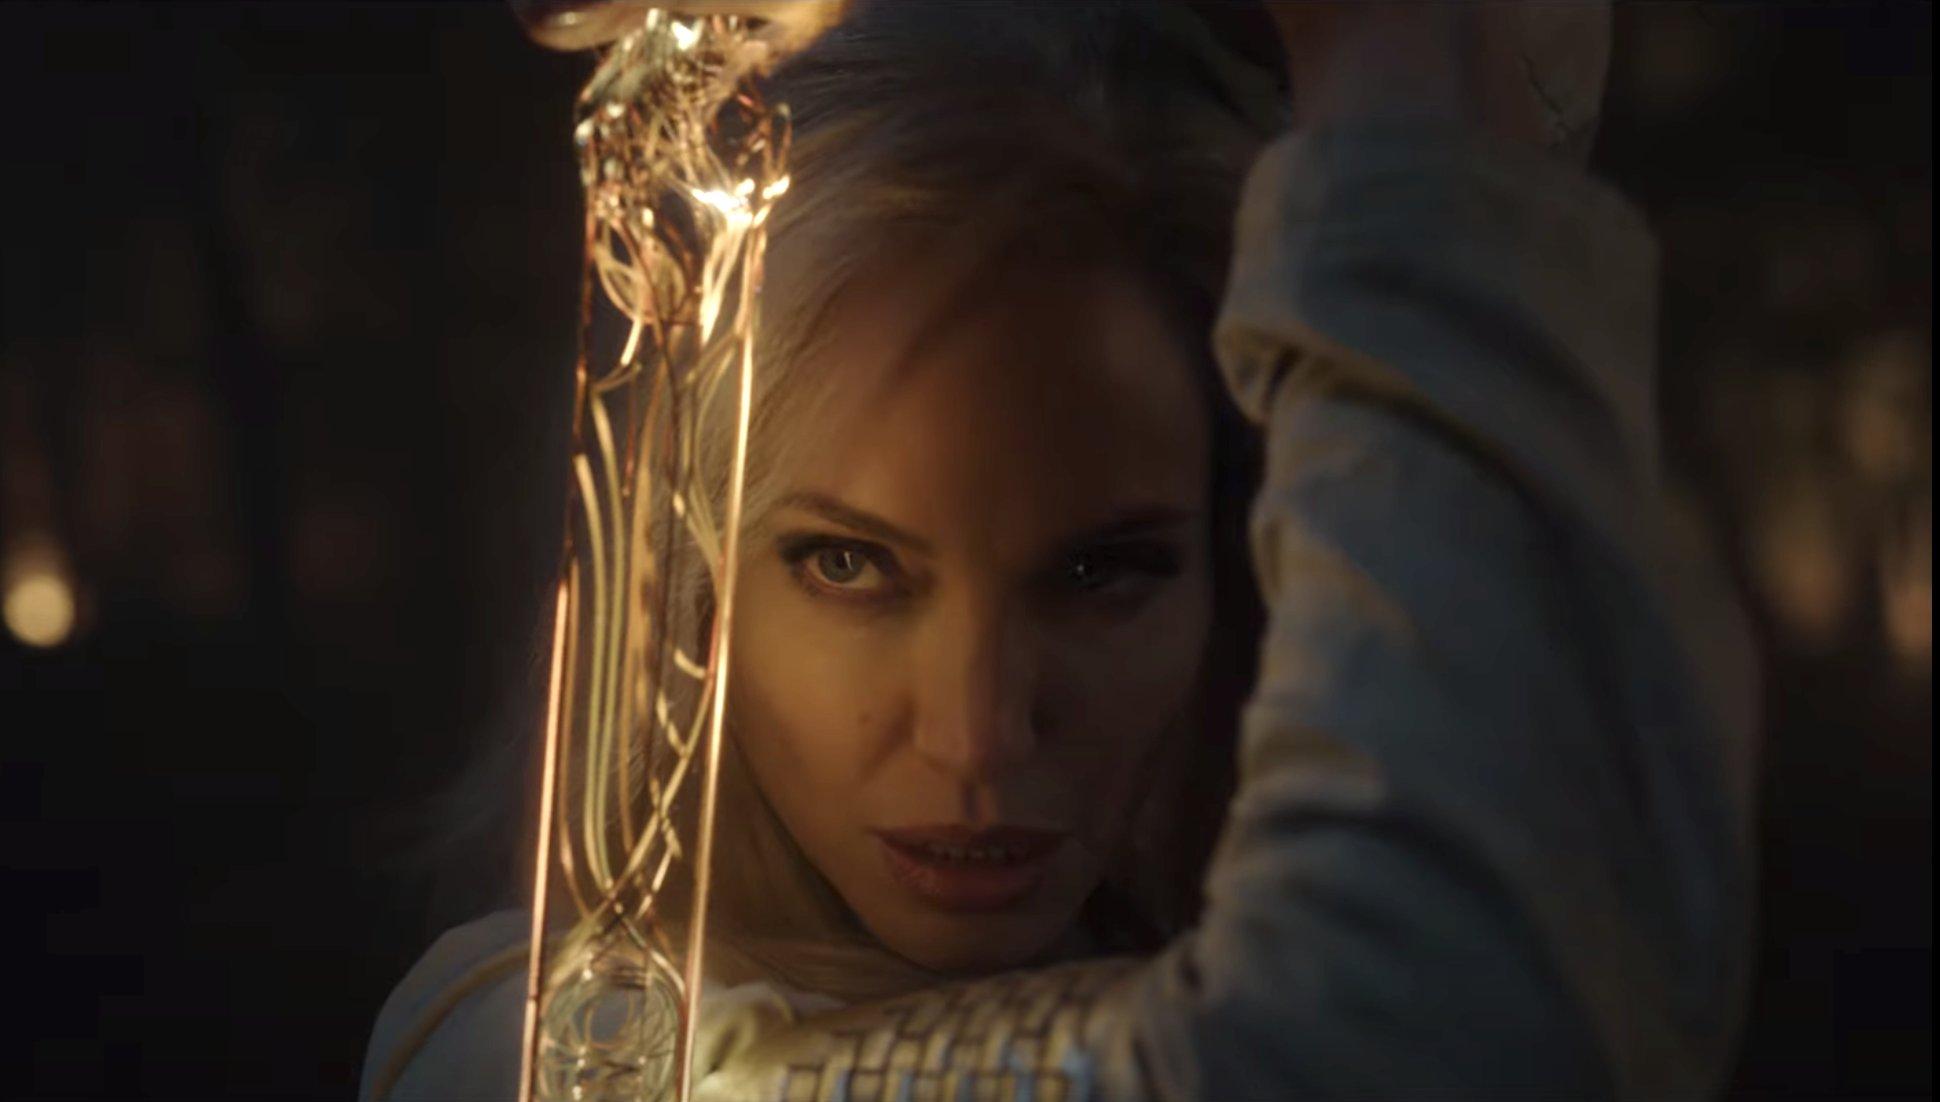 Eternos-4 Eternos Ganha Primeiras Imagens e Teaser Inédito destacando Angelina Jolie